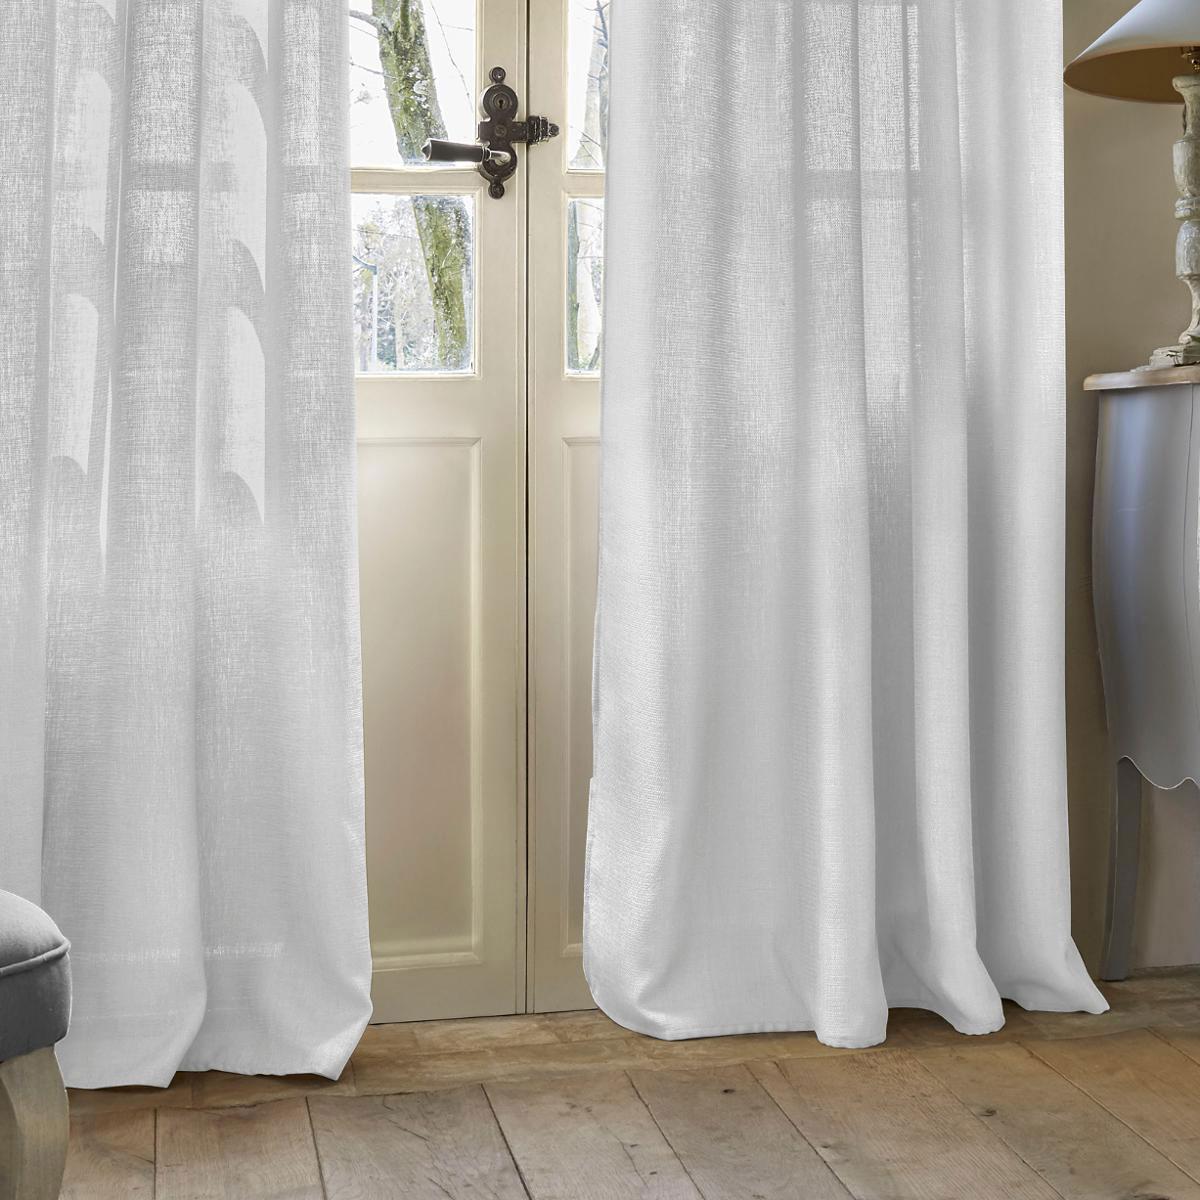 rideau effet petite maille blanc homemaison vente en ligne tous les rideaux. Black Bedroom Furniture Sets. Home Design Ideas